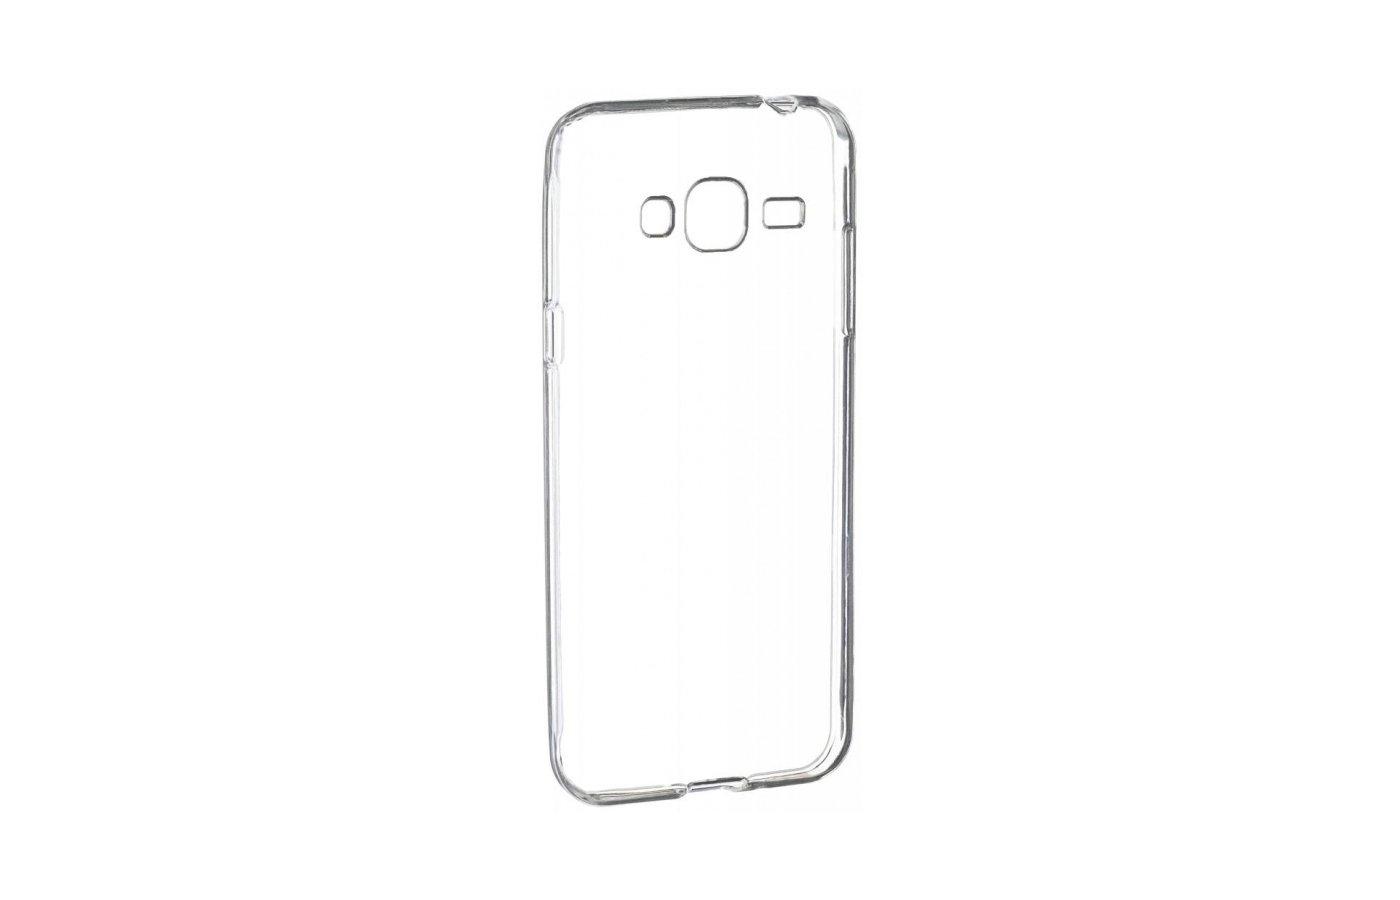 Чехол iBox Crystal для Samsung Galaxy J3 (2016) SM-J320 прозрачный